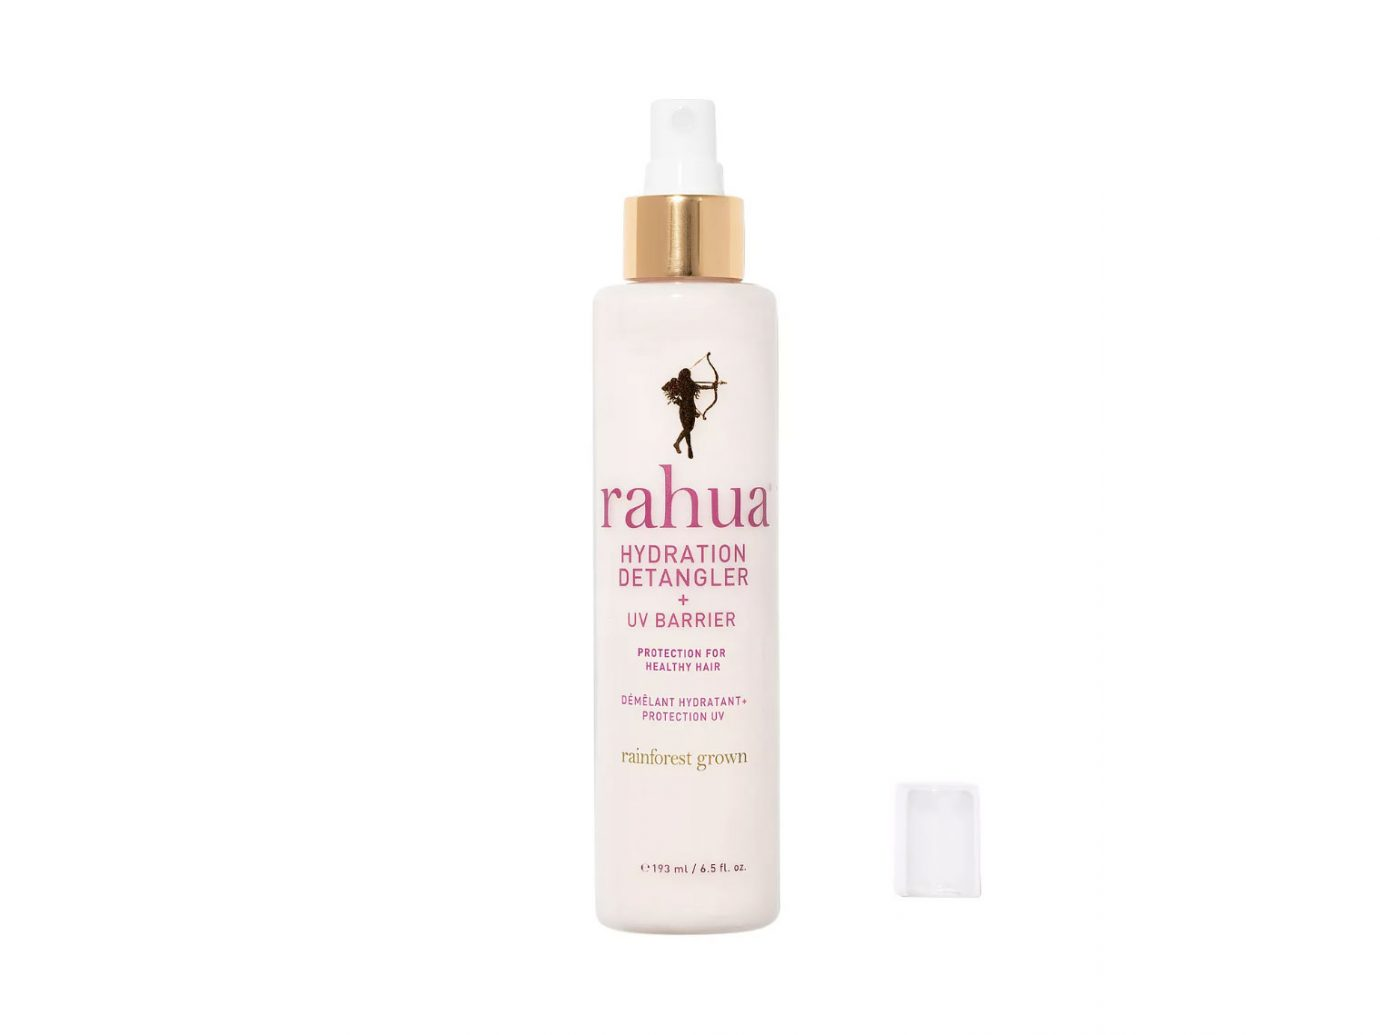 Rahua Hydration Detangler + UV Barrier